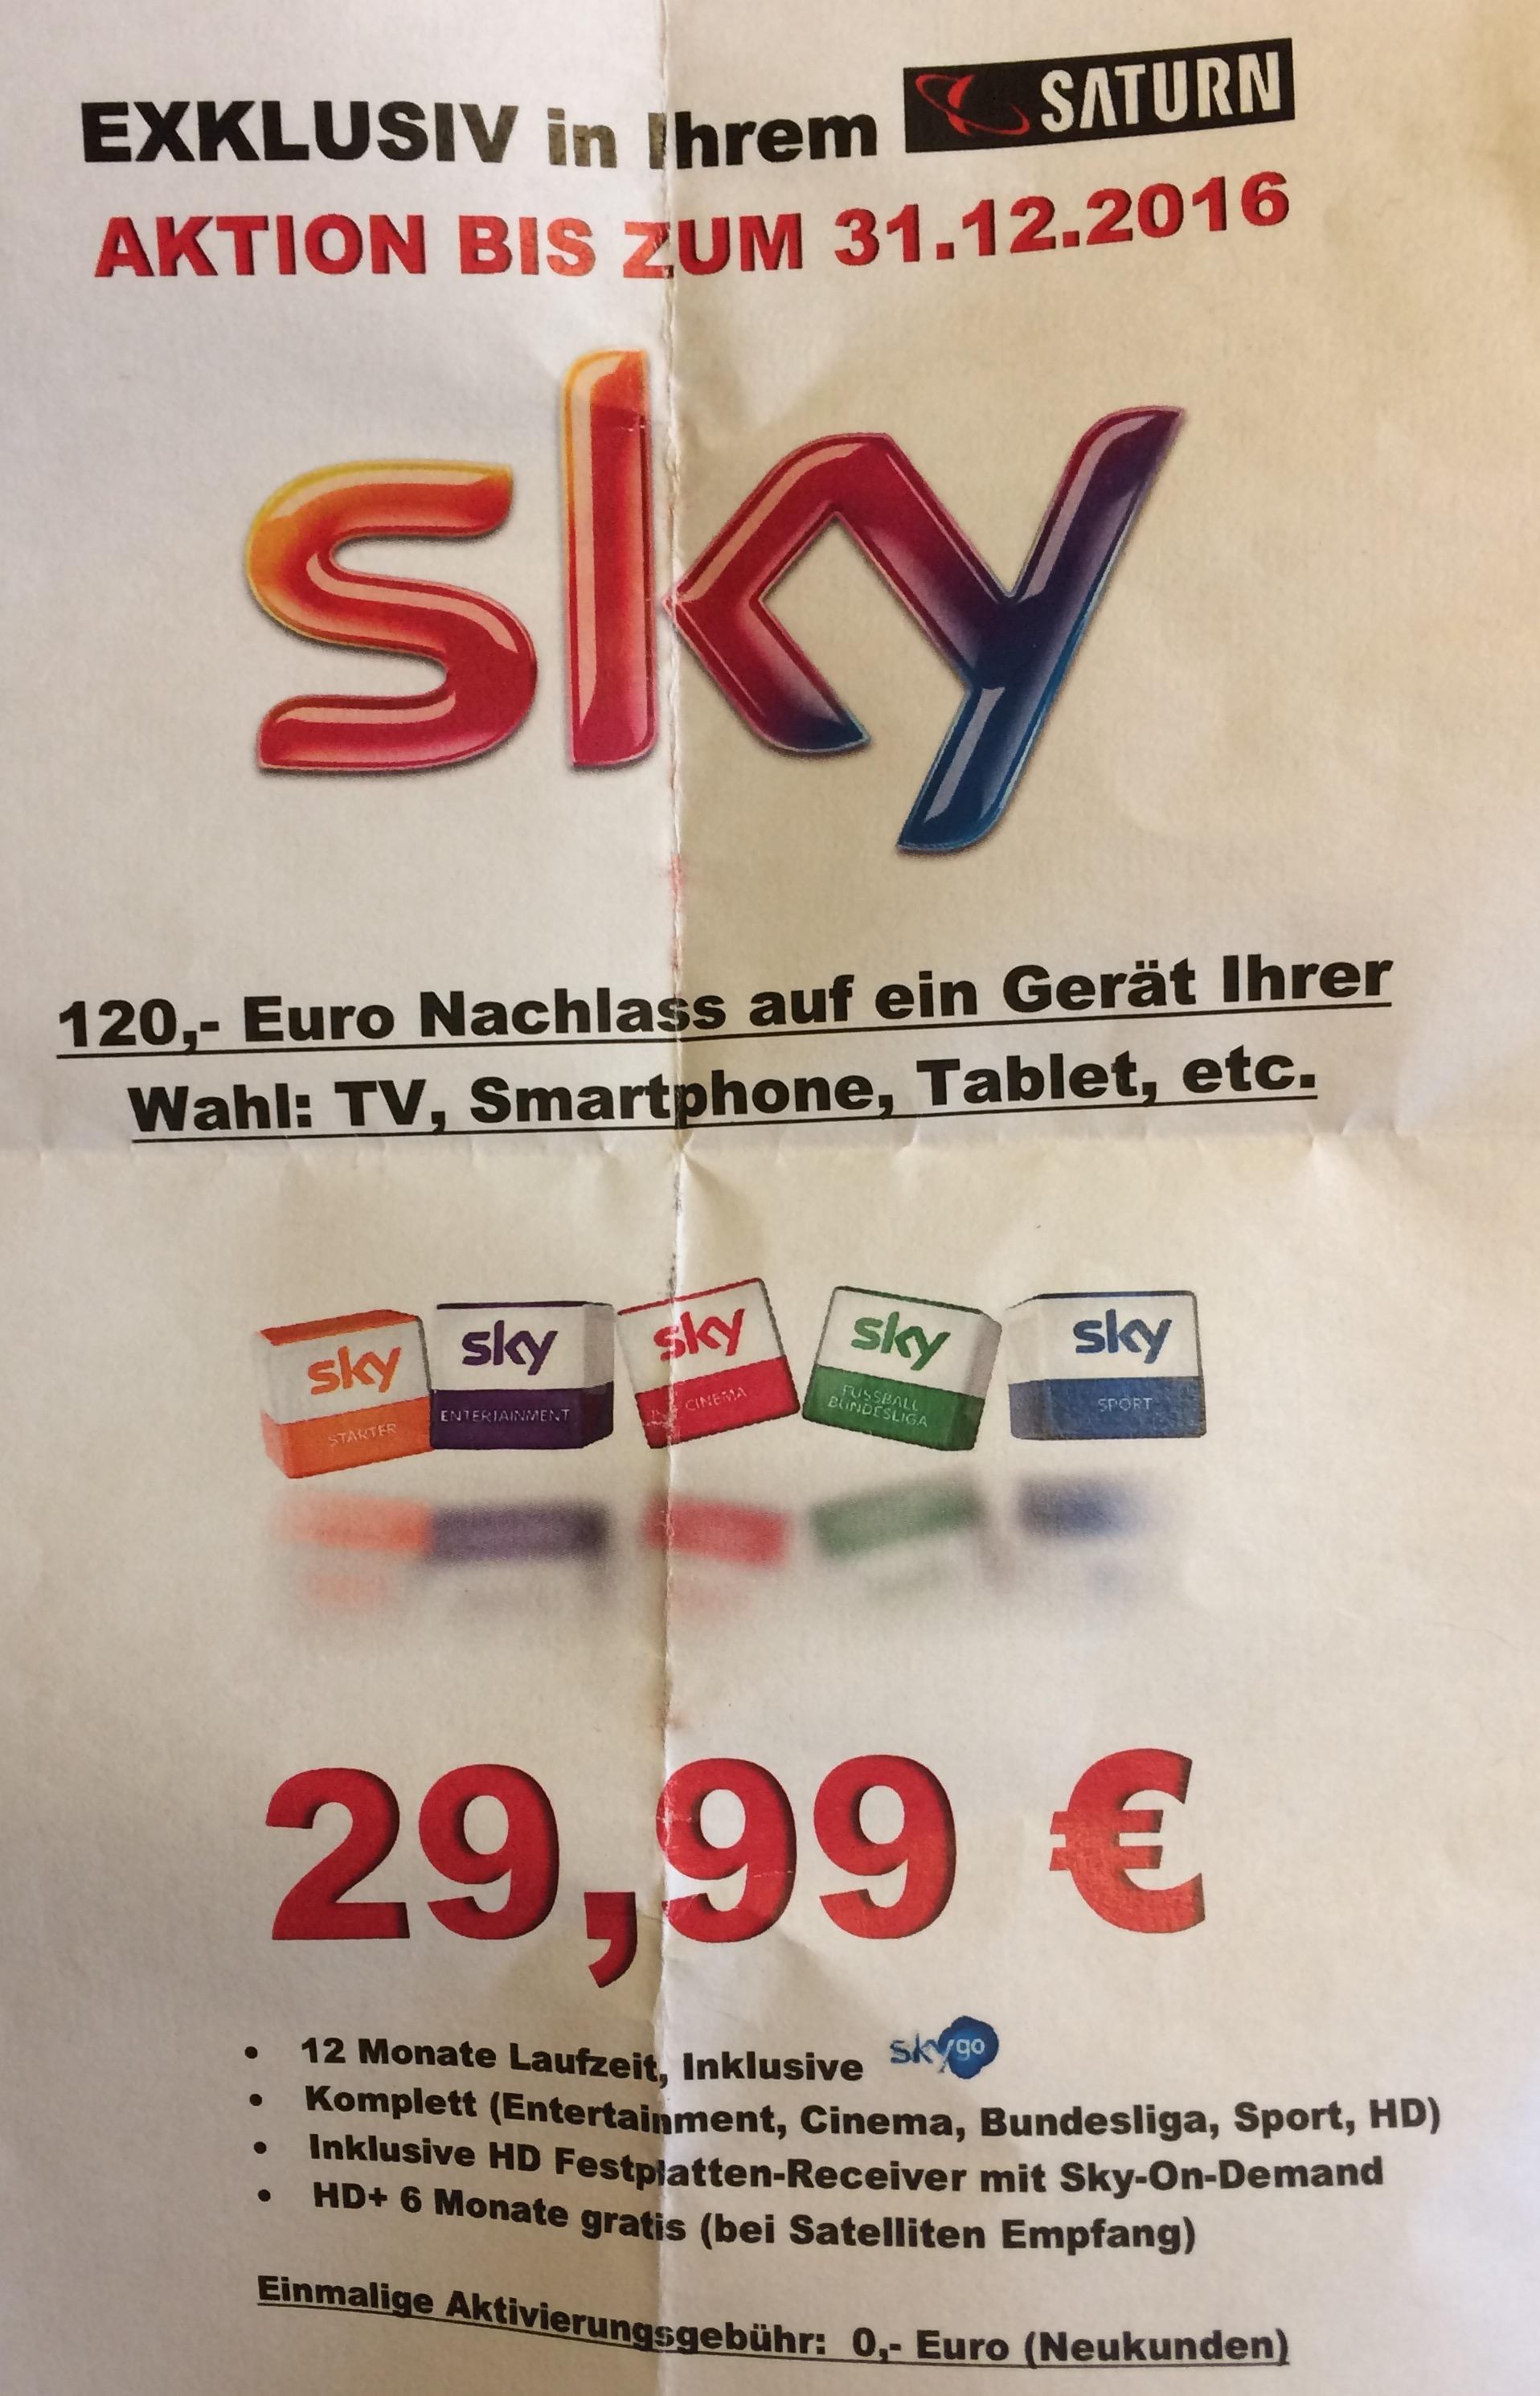 Sky Komplett für 29,99€ +120€ Nachlass/Gutschein beim Saturn Bad Oeynhausen eventuell Bundesweit?